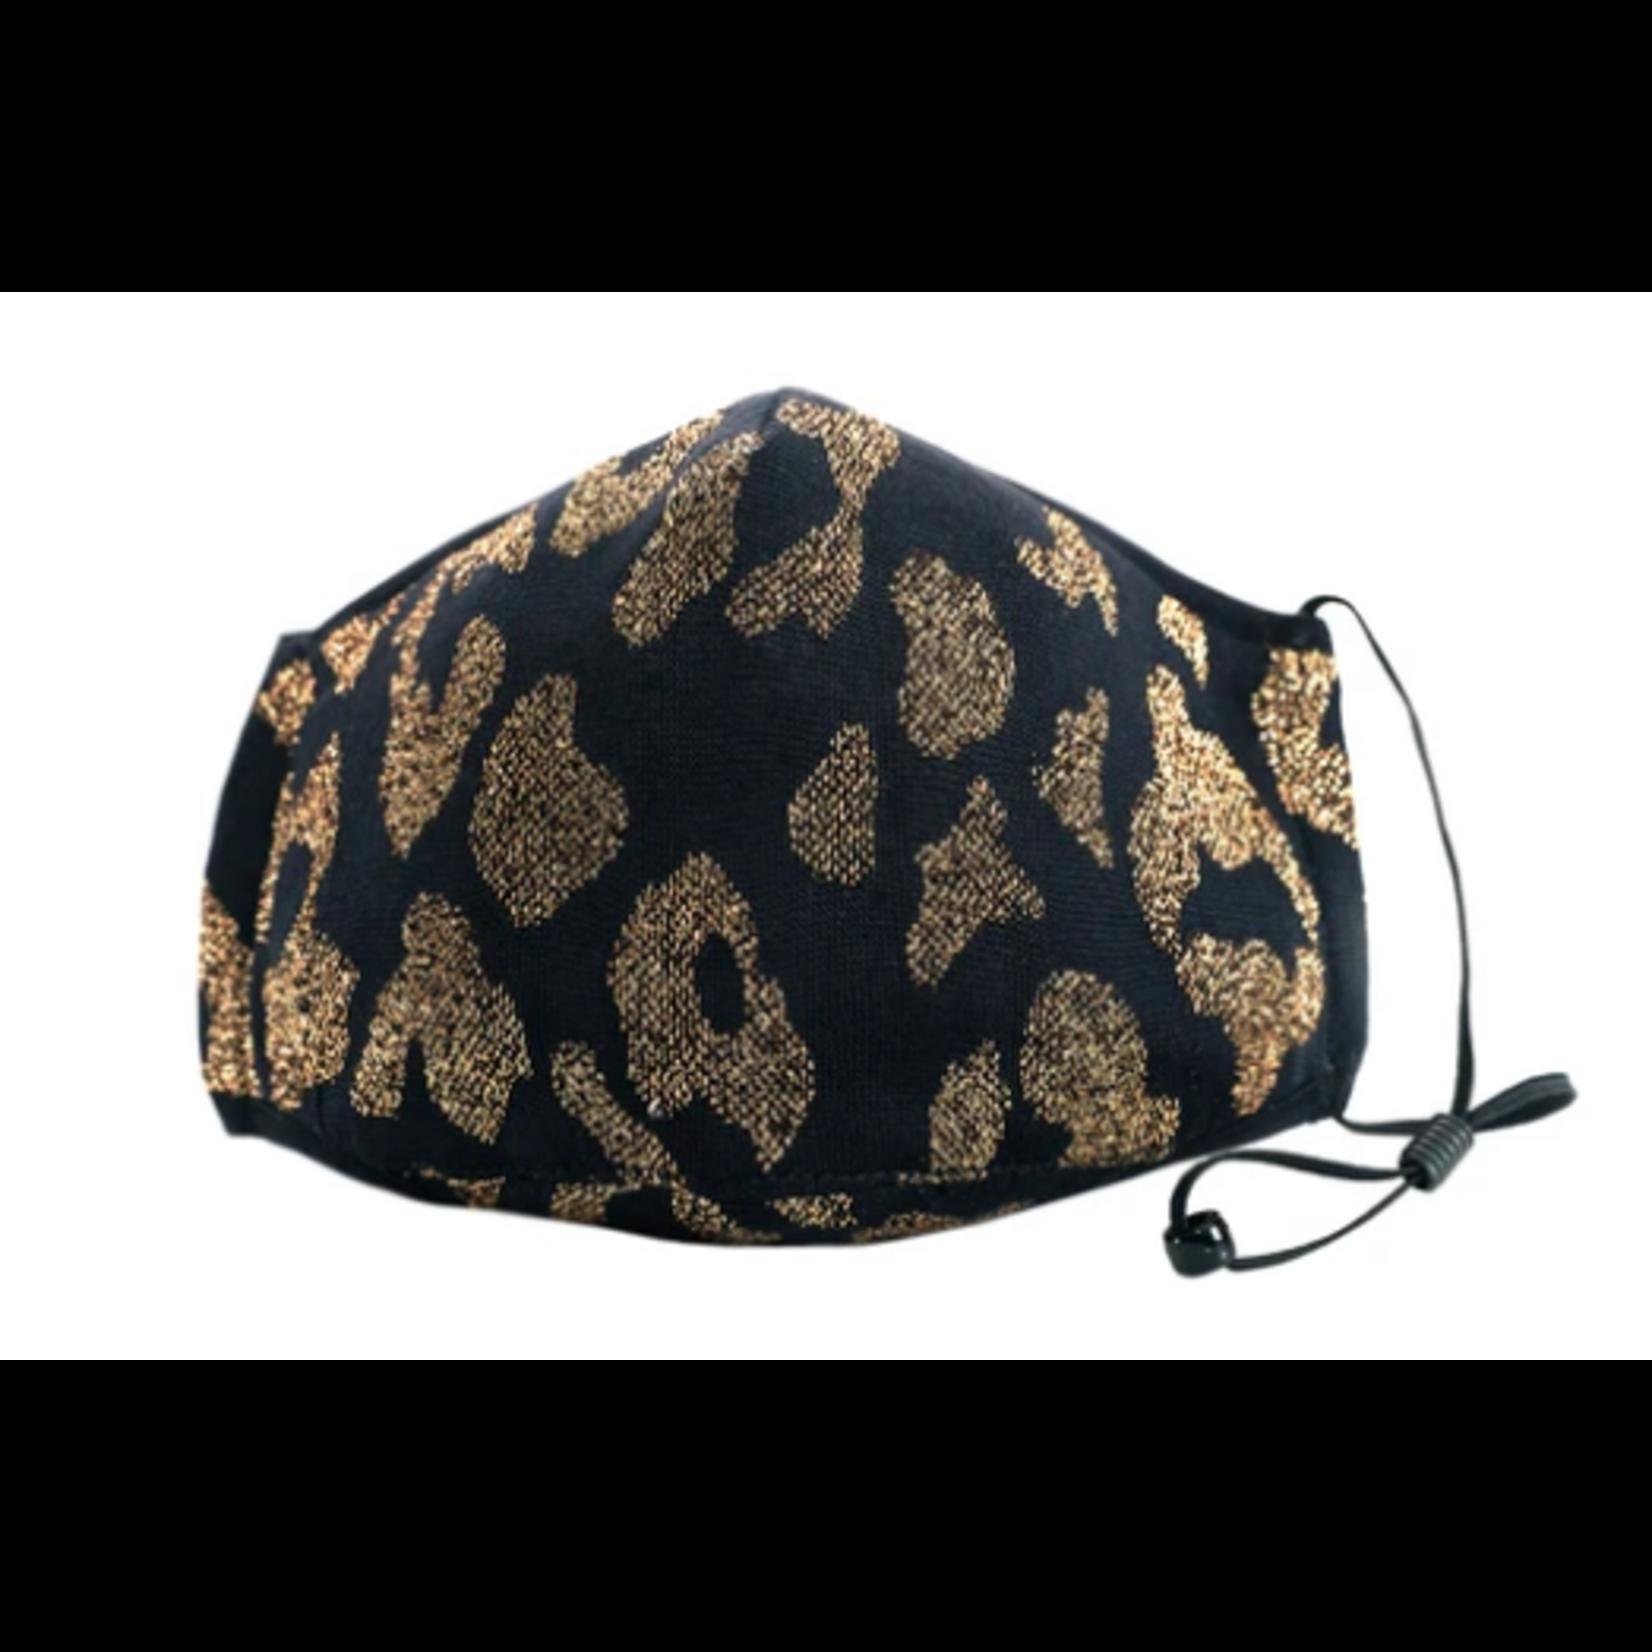 Berek Black and Gold Leopard Foil Mask